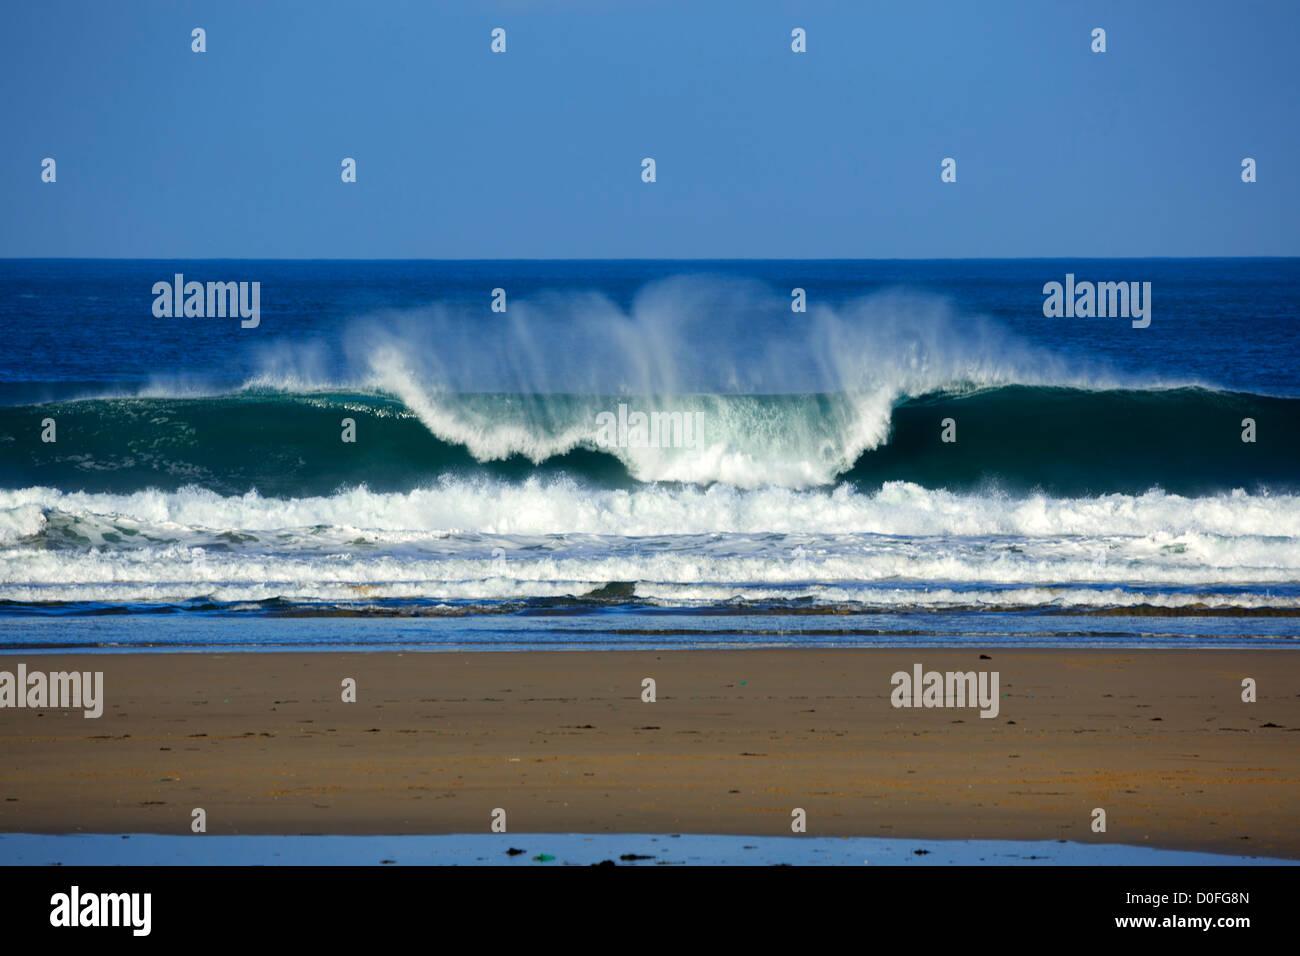 Portreath, Cornwall. Un'onda si rompe sulla spiaggia. Immagini Stock